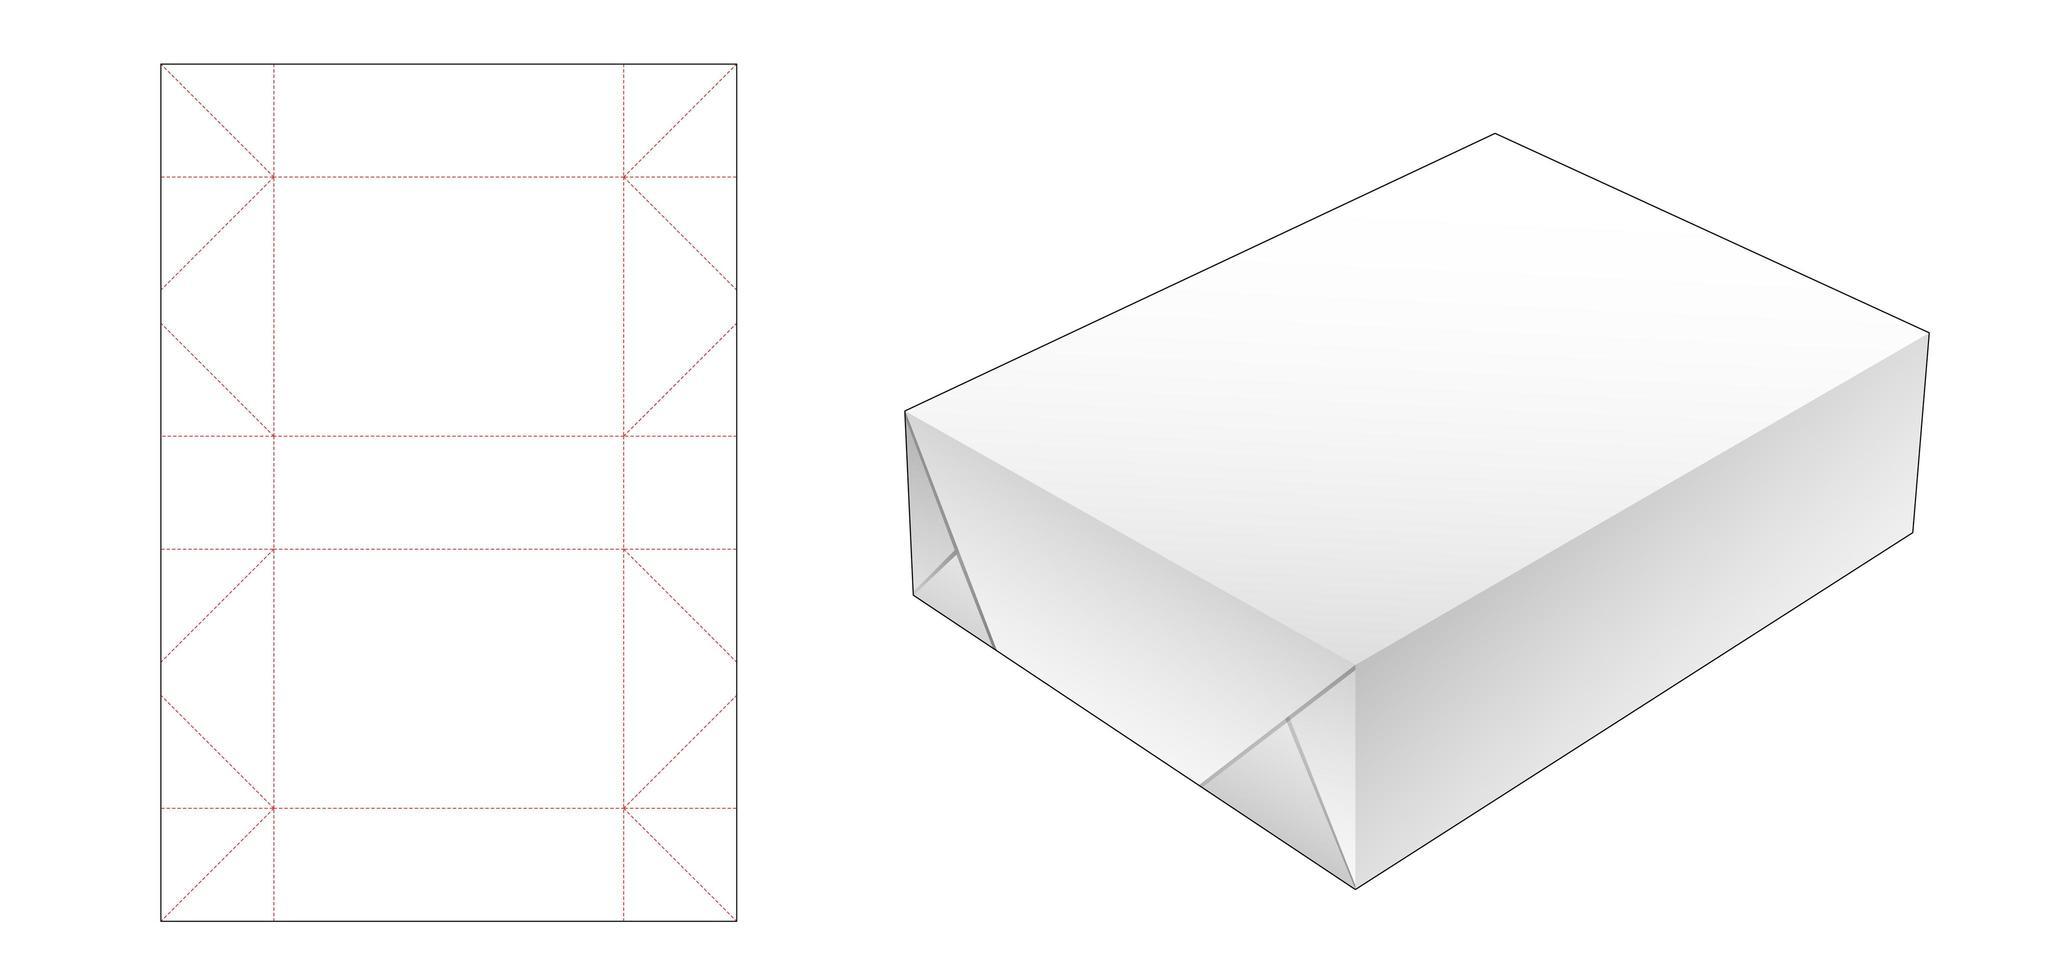 pacote de papel de embrulho vetor